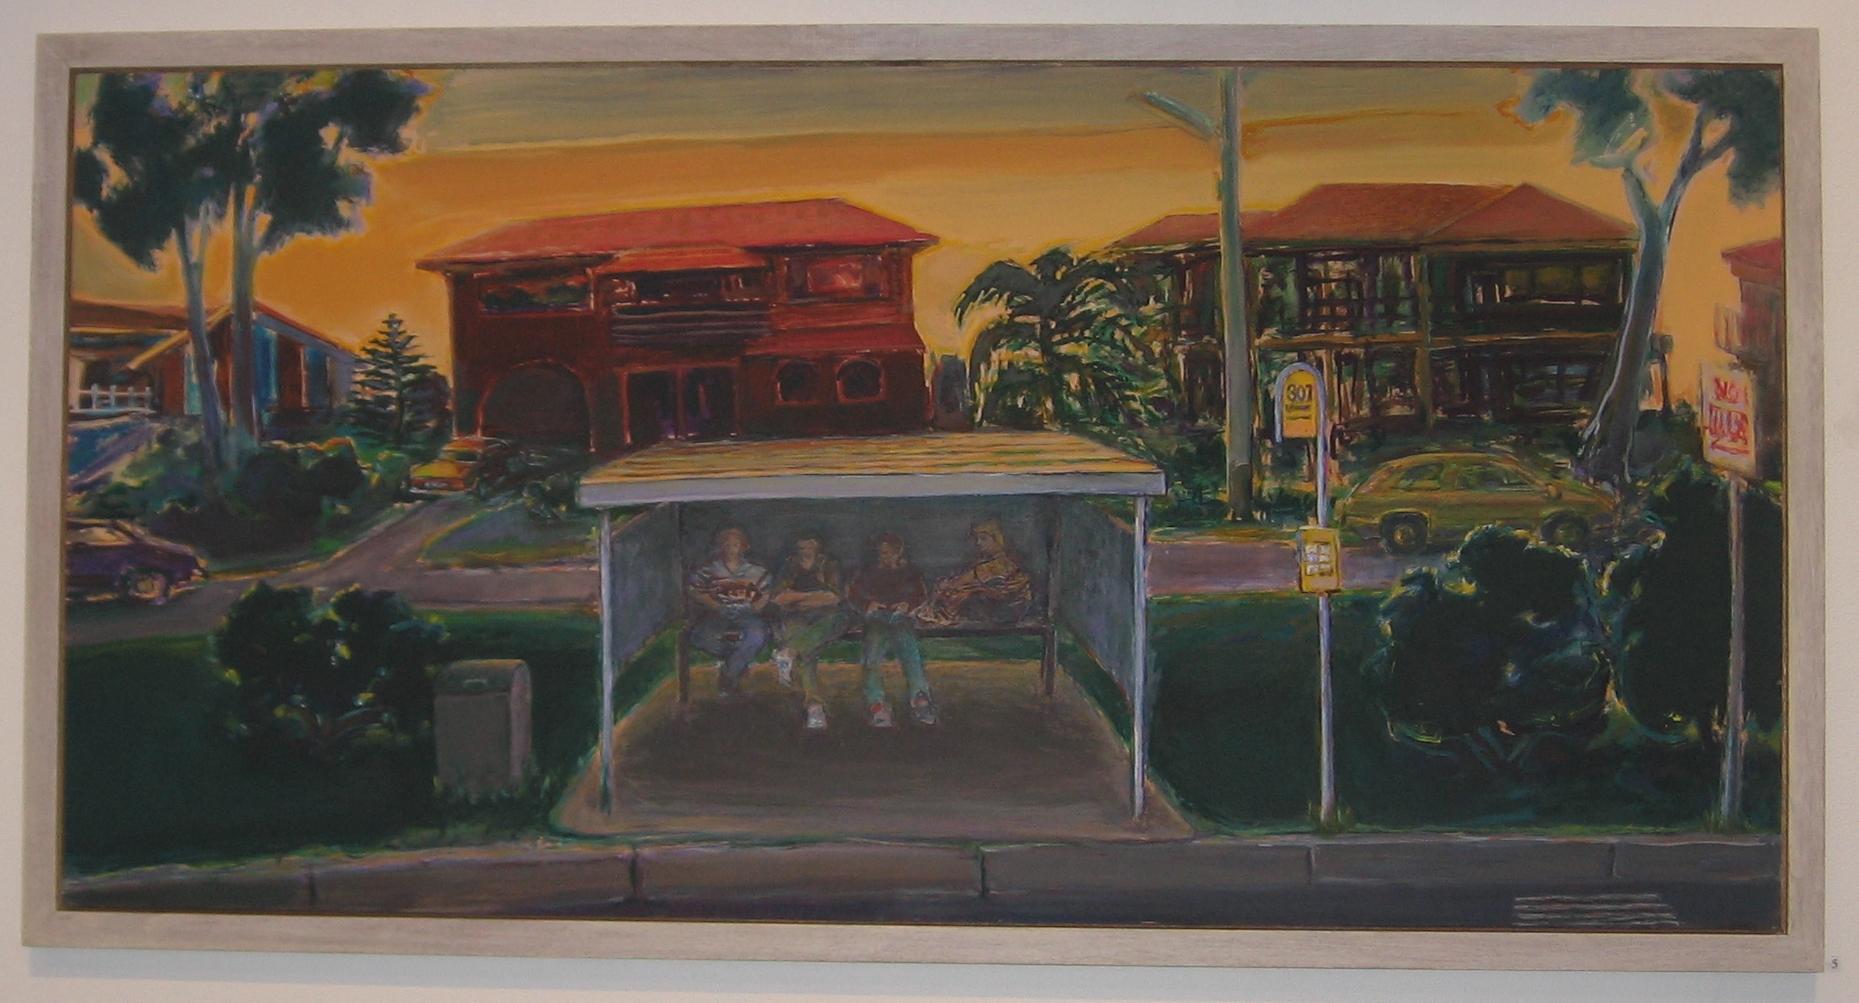 Waiting, 1992-93, acrylic on plywood, 61 x 122 cm